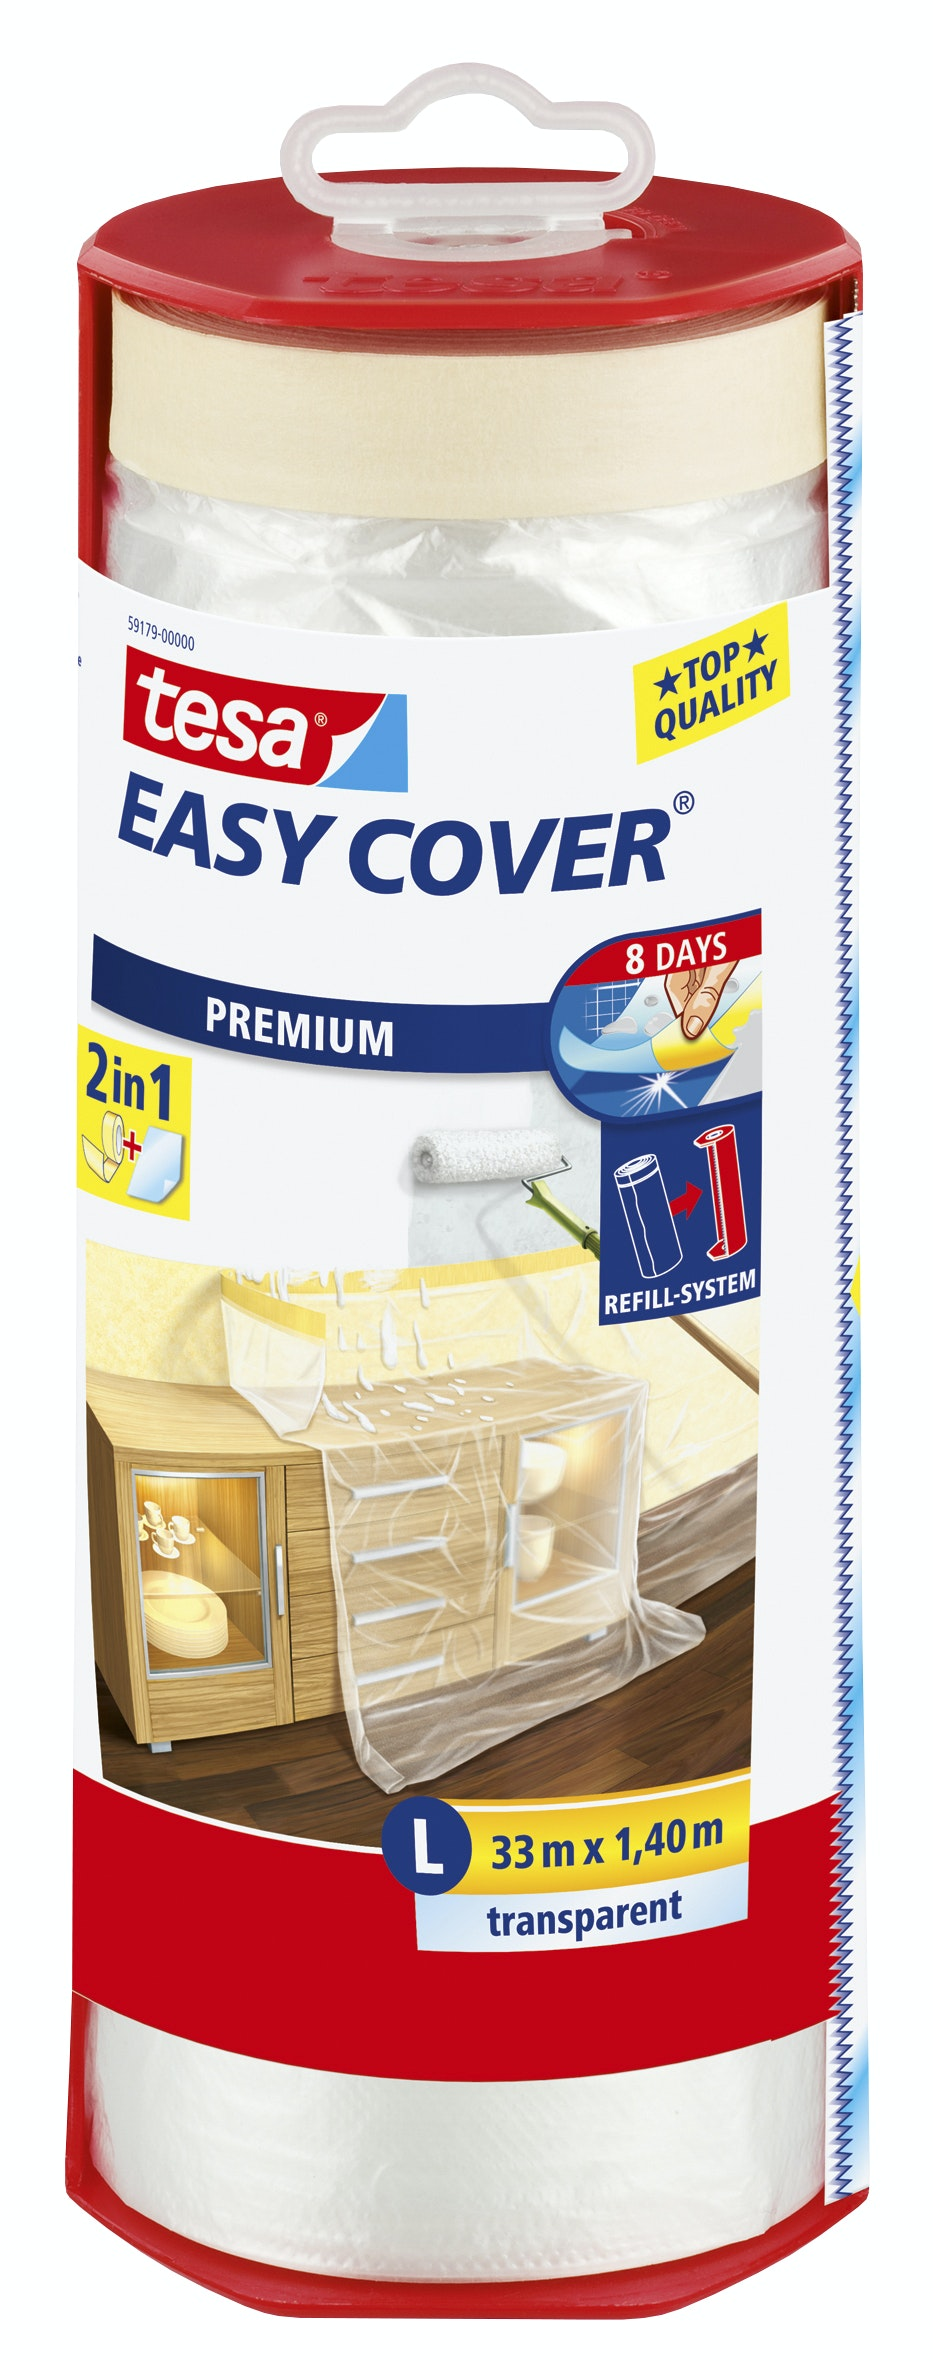 Plastfolie Tesa Easy Cover Premium Transparent 1400mmx33m